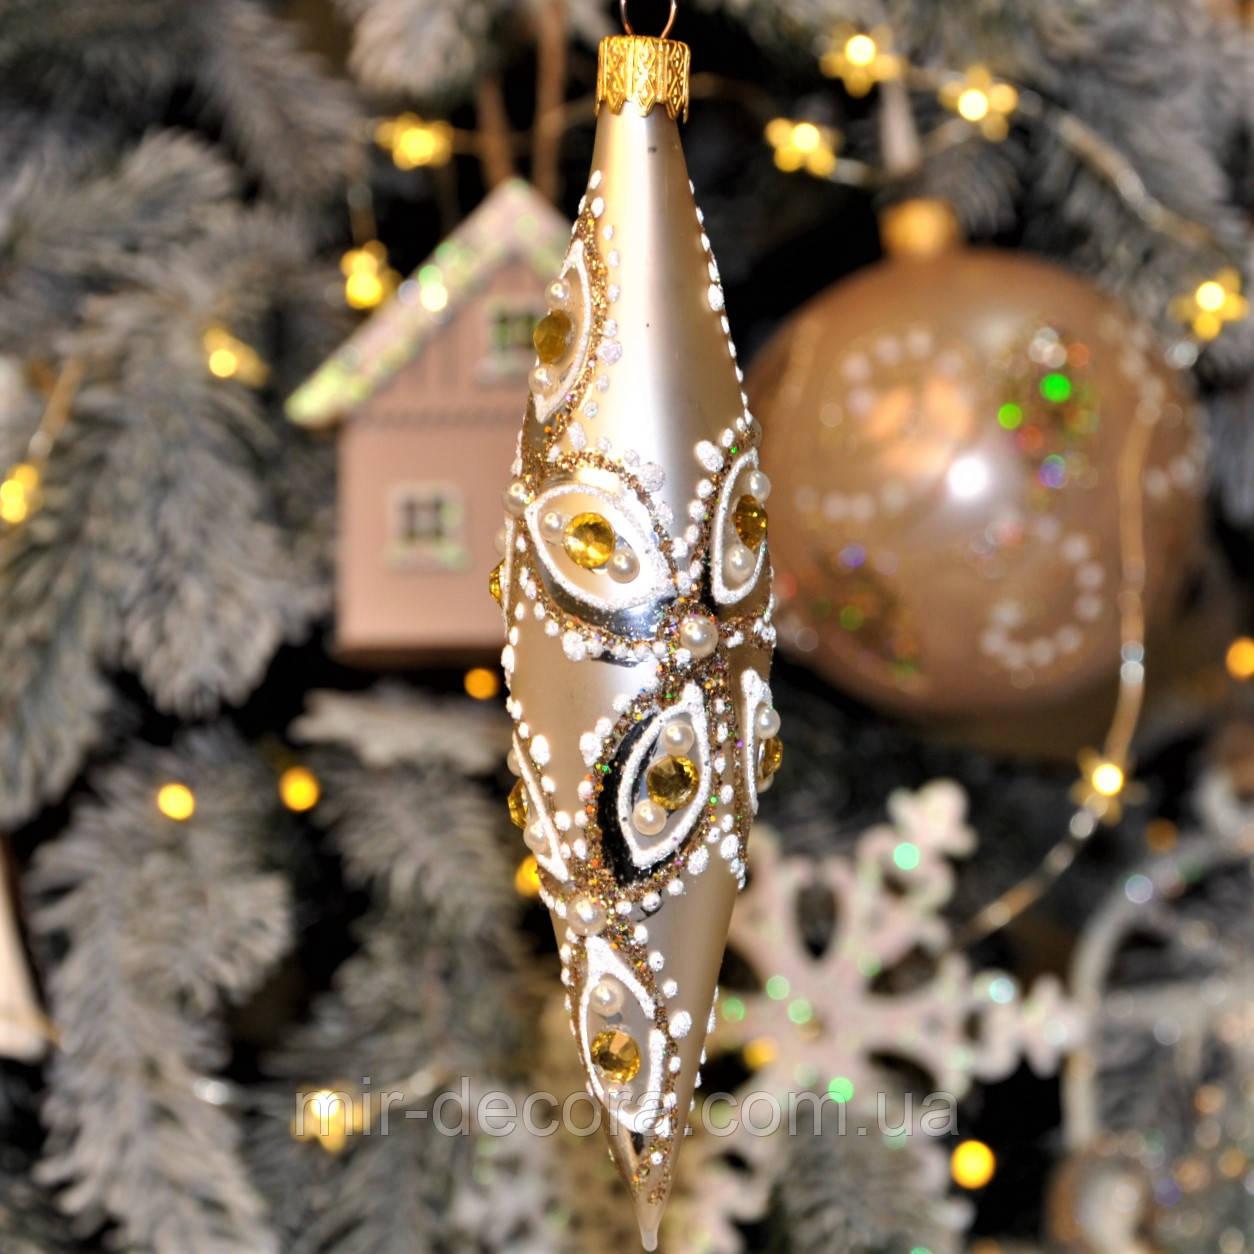 """Сосулька игрушка на новогоднюю елку """"Ромб"""""""